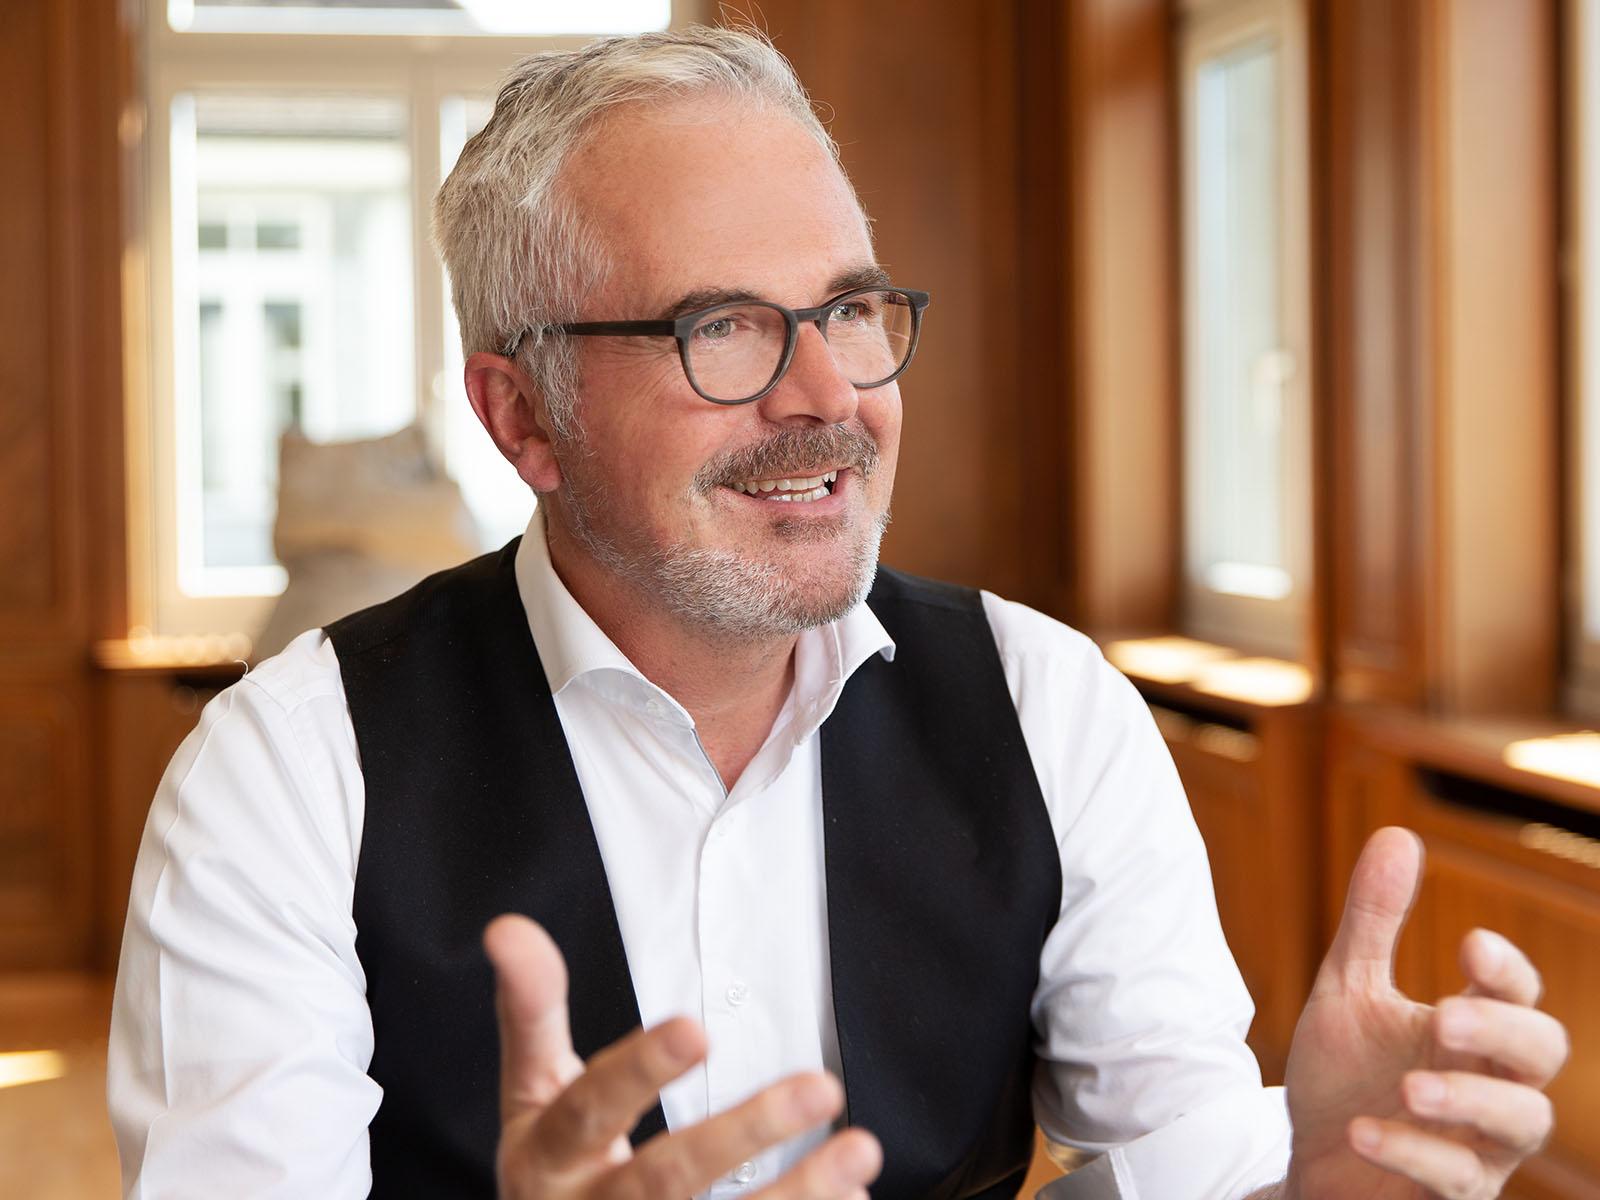 Stadtrat und Vorsteher des Gesundheits- und Umweltdepartements Andreas Hauri ist überzeugt von der Vorwärtsstrategie der Stadt beim Thema Alter.